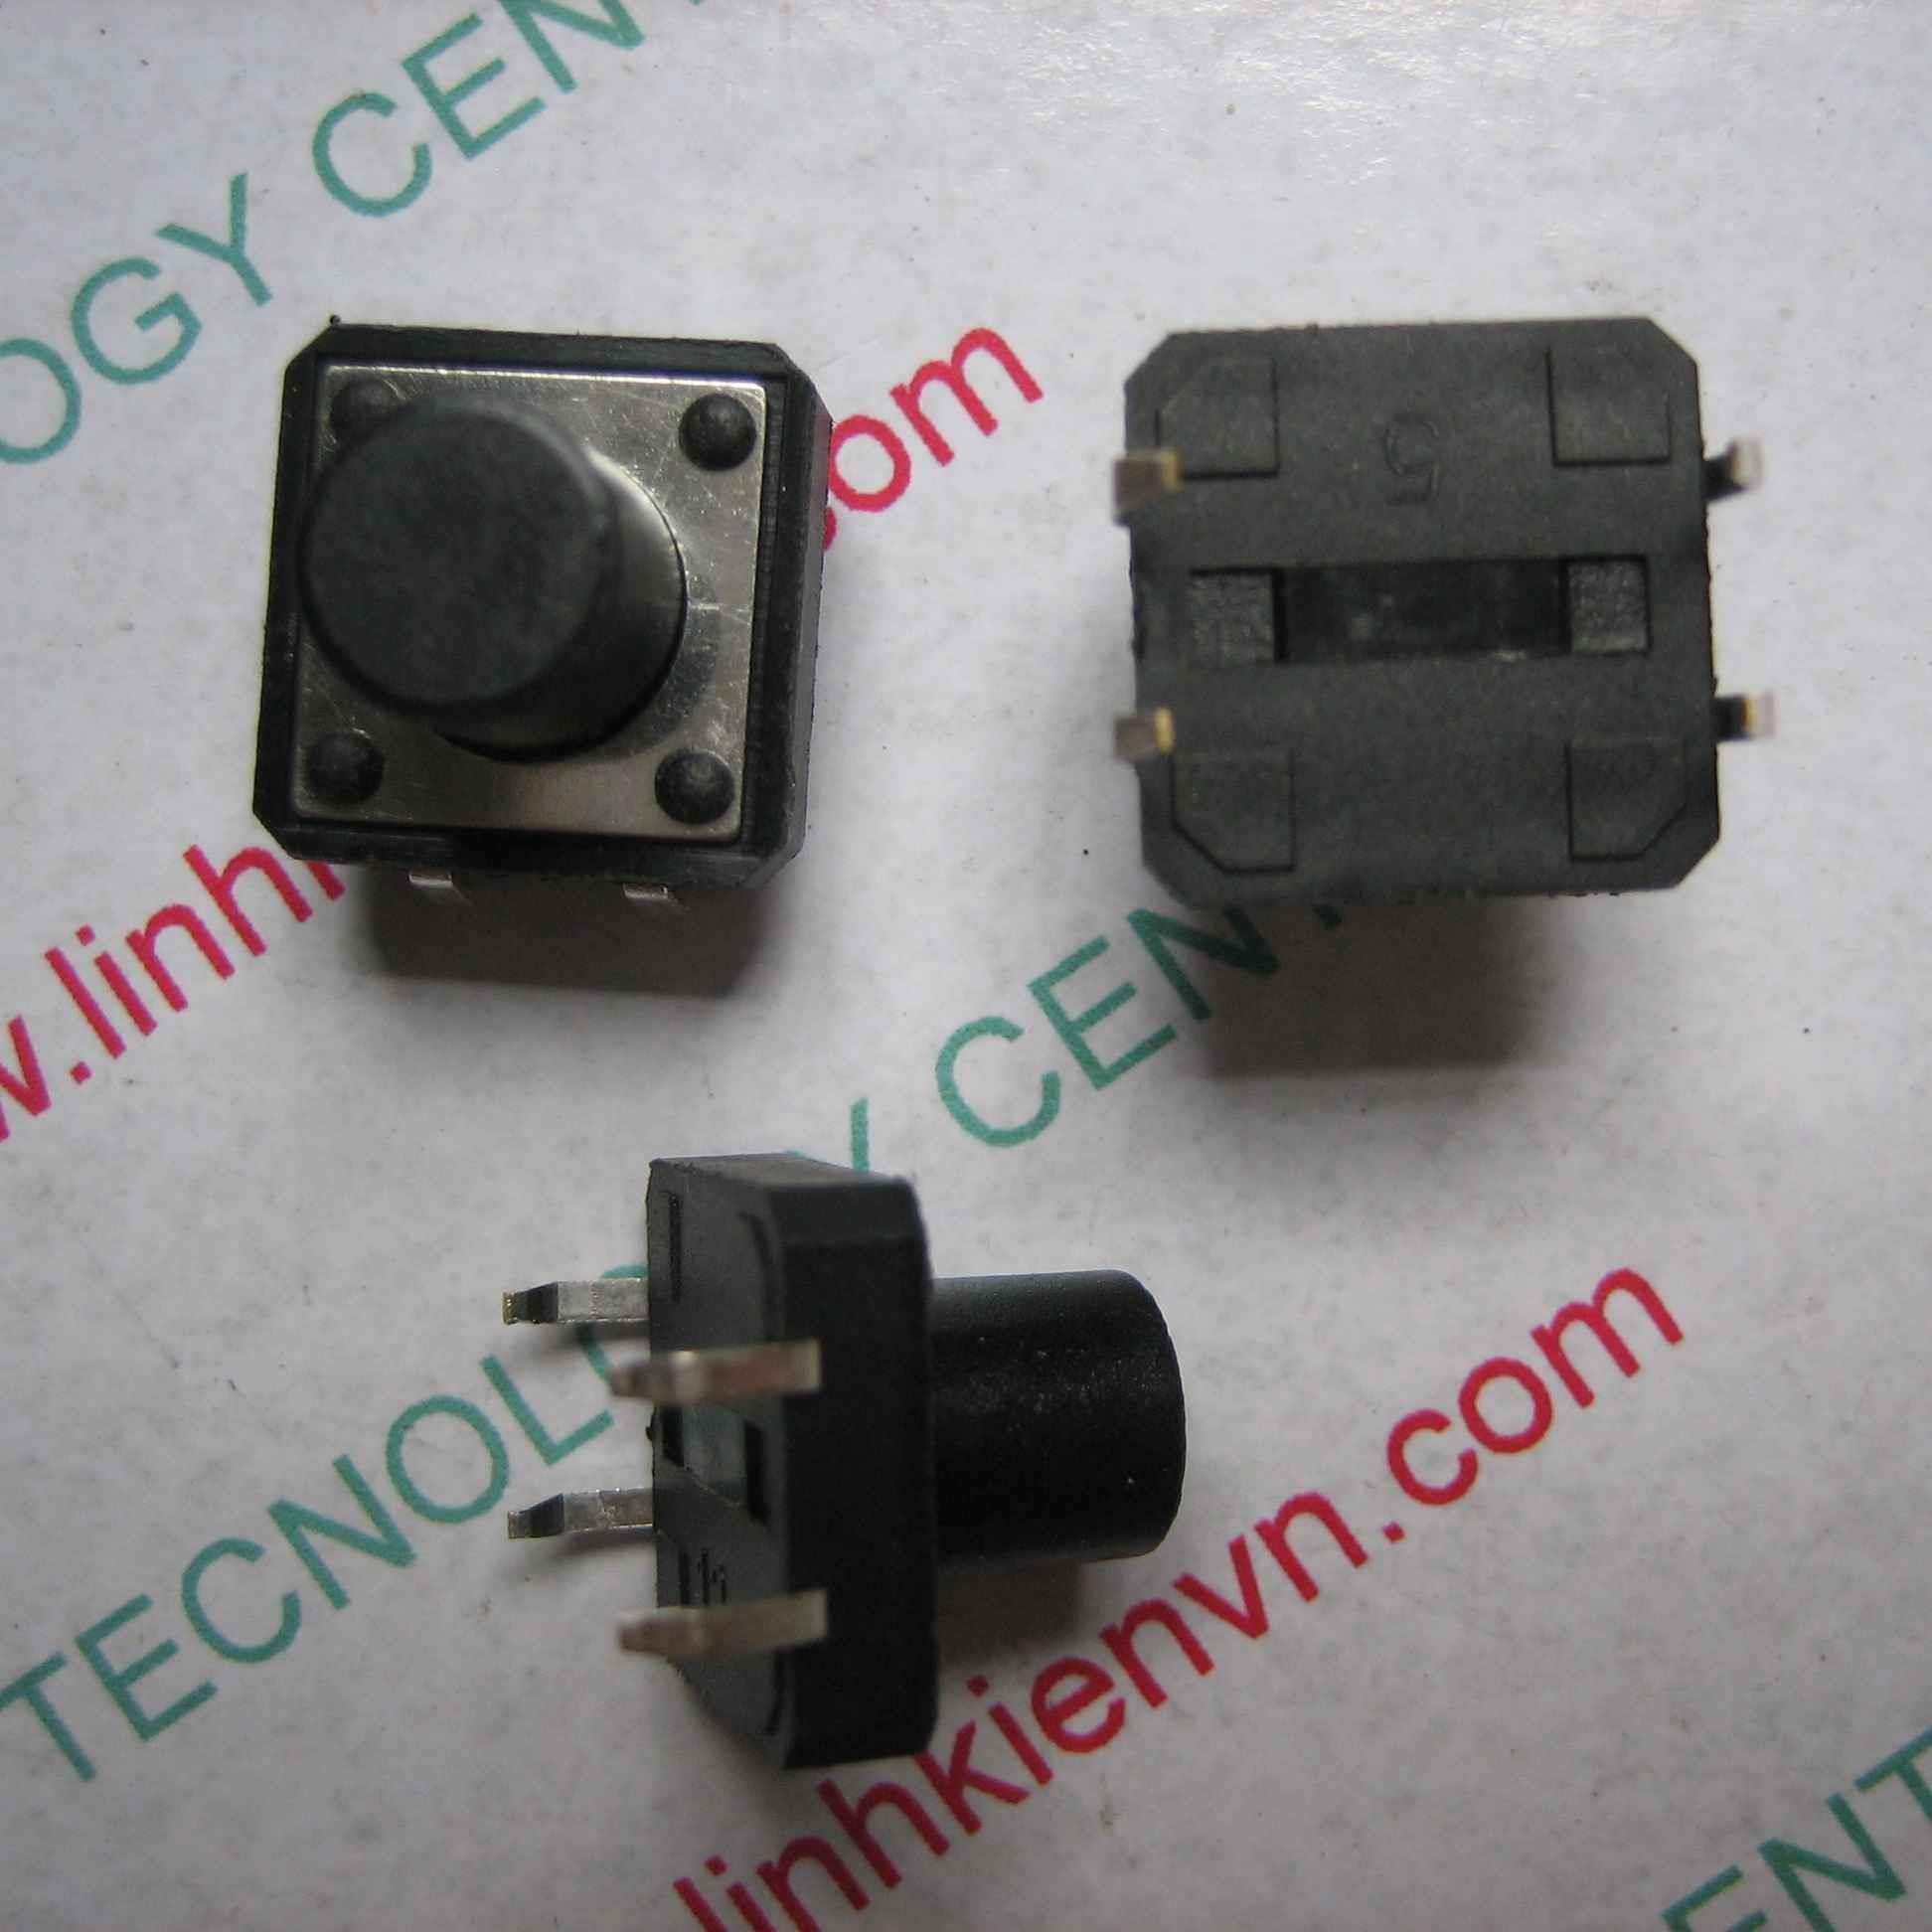 NÚT NHẤN 4 CHÂN 12x12x10mm / NÚT BẤM 4 CHÂN 12x12x10mm - D4H12